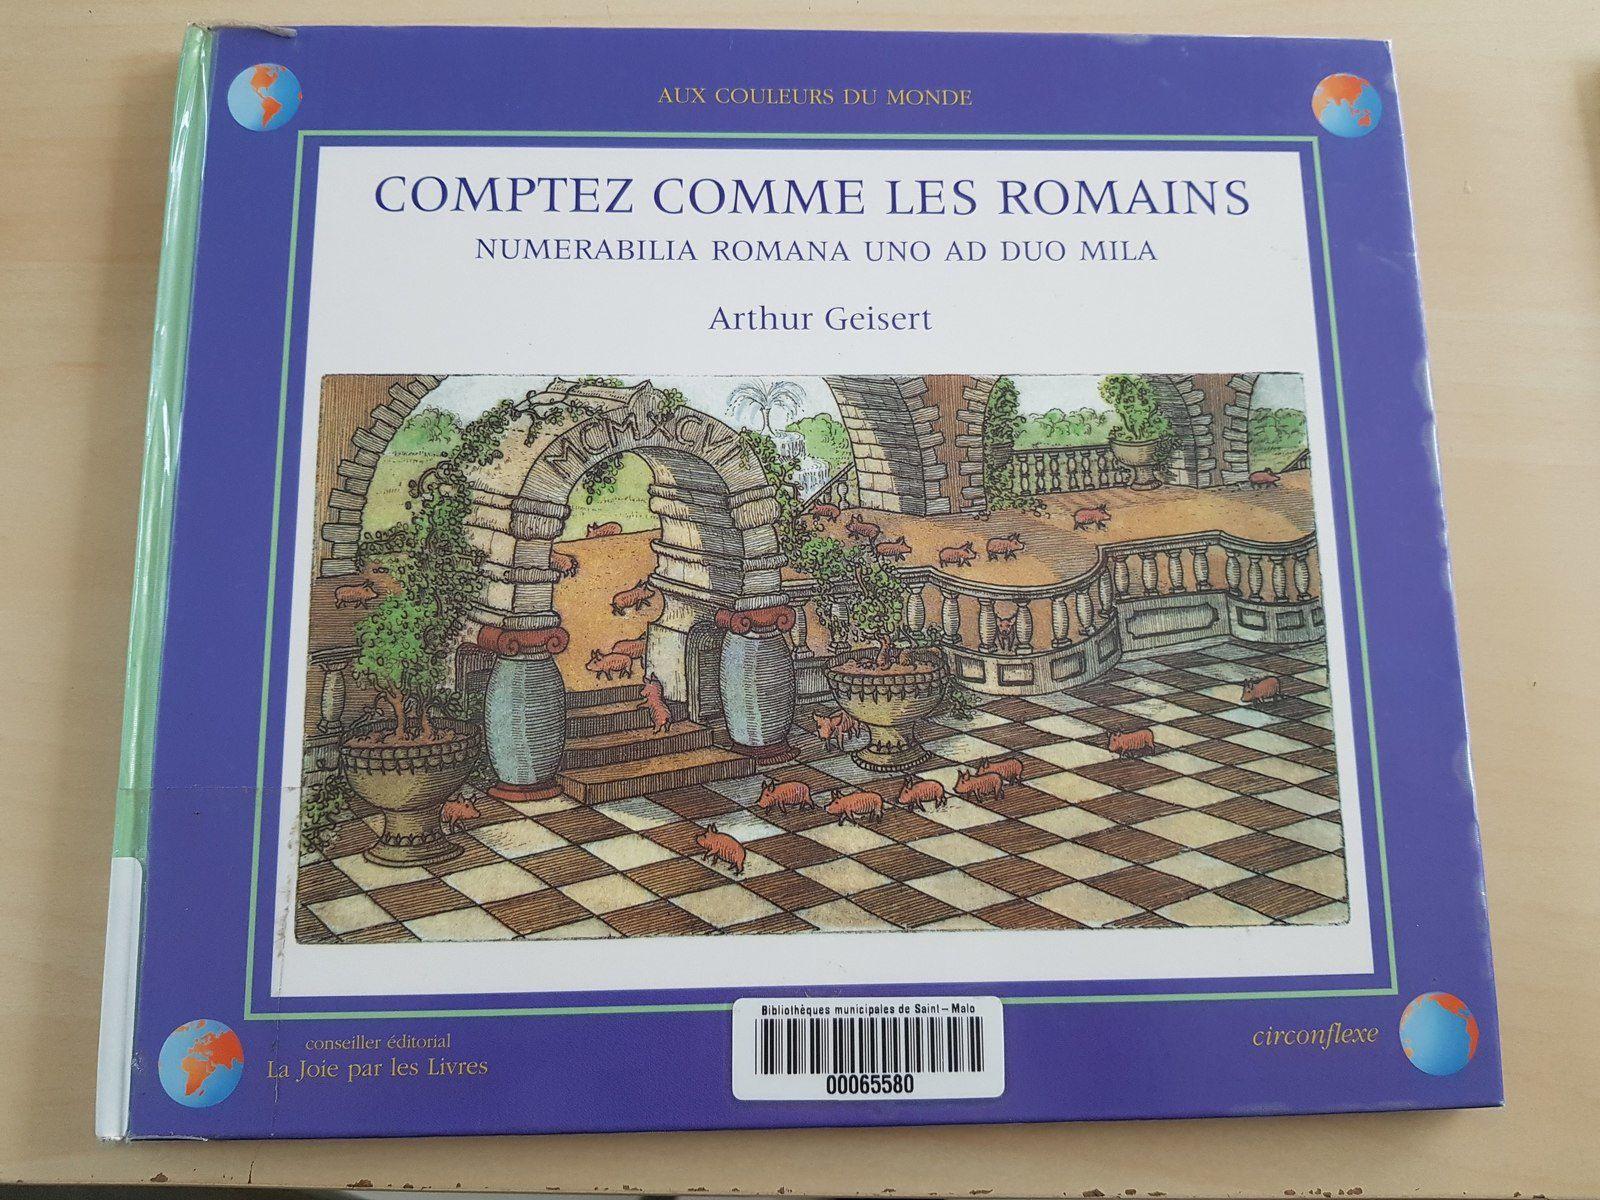 Les Chiffres Romains - Les Ateliers De Cathy à Apprendre Les Chiffres Romains